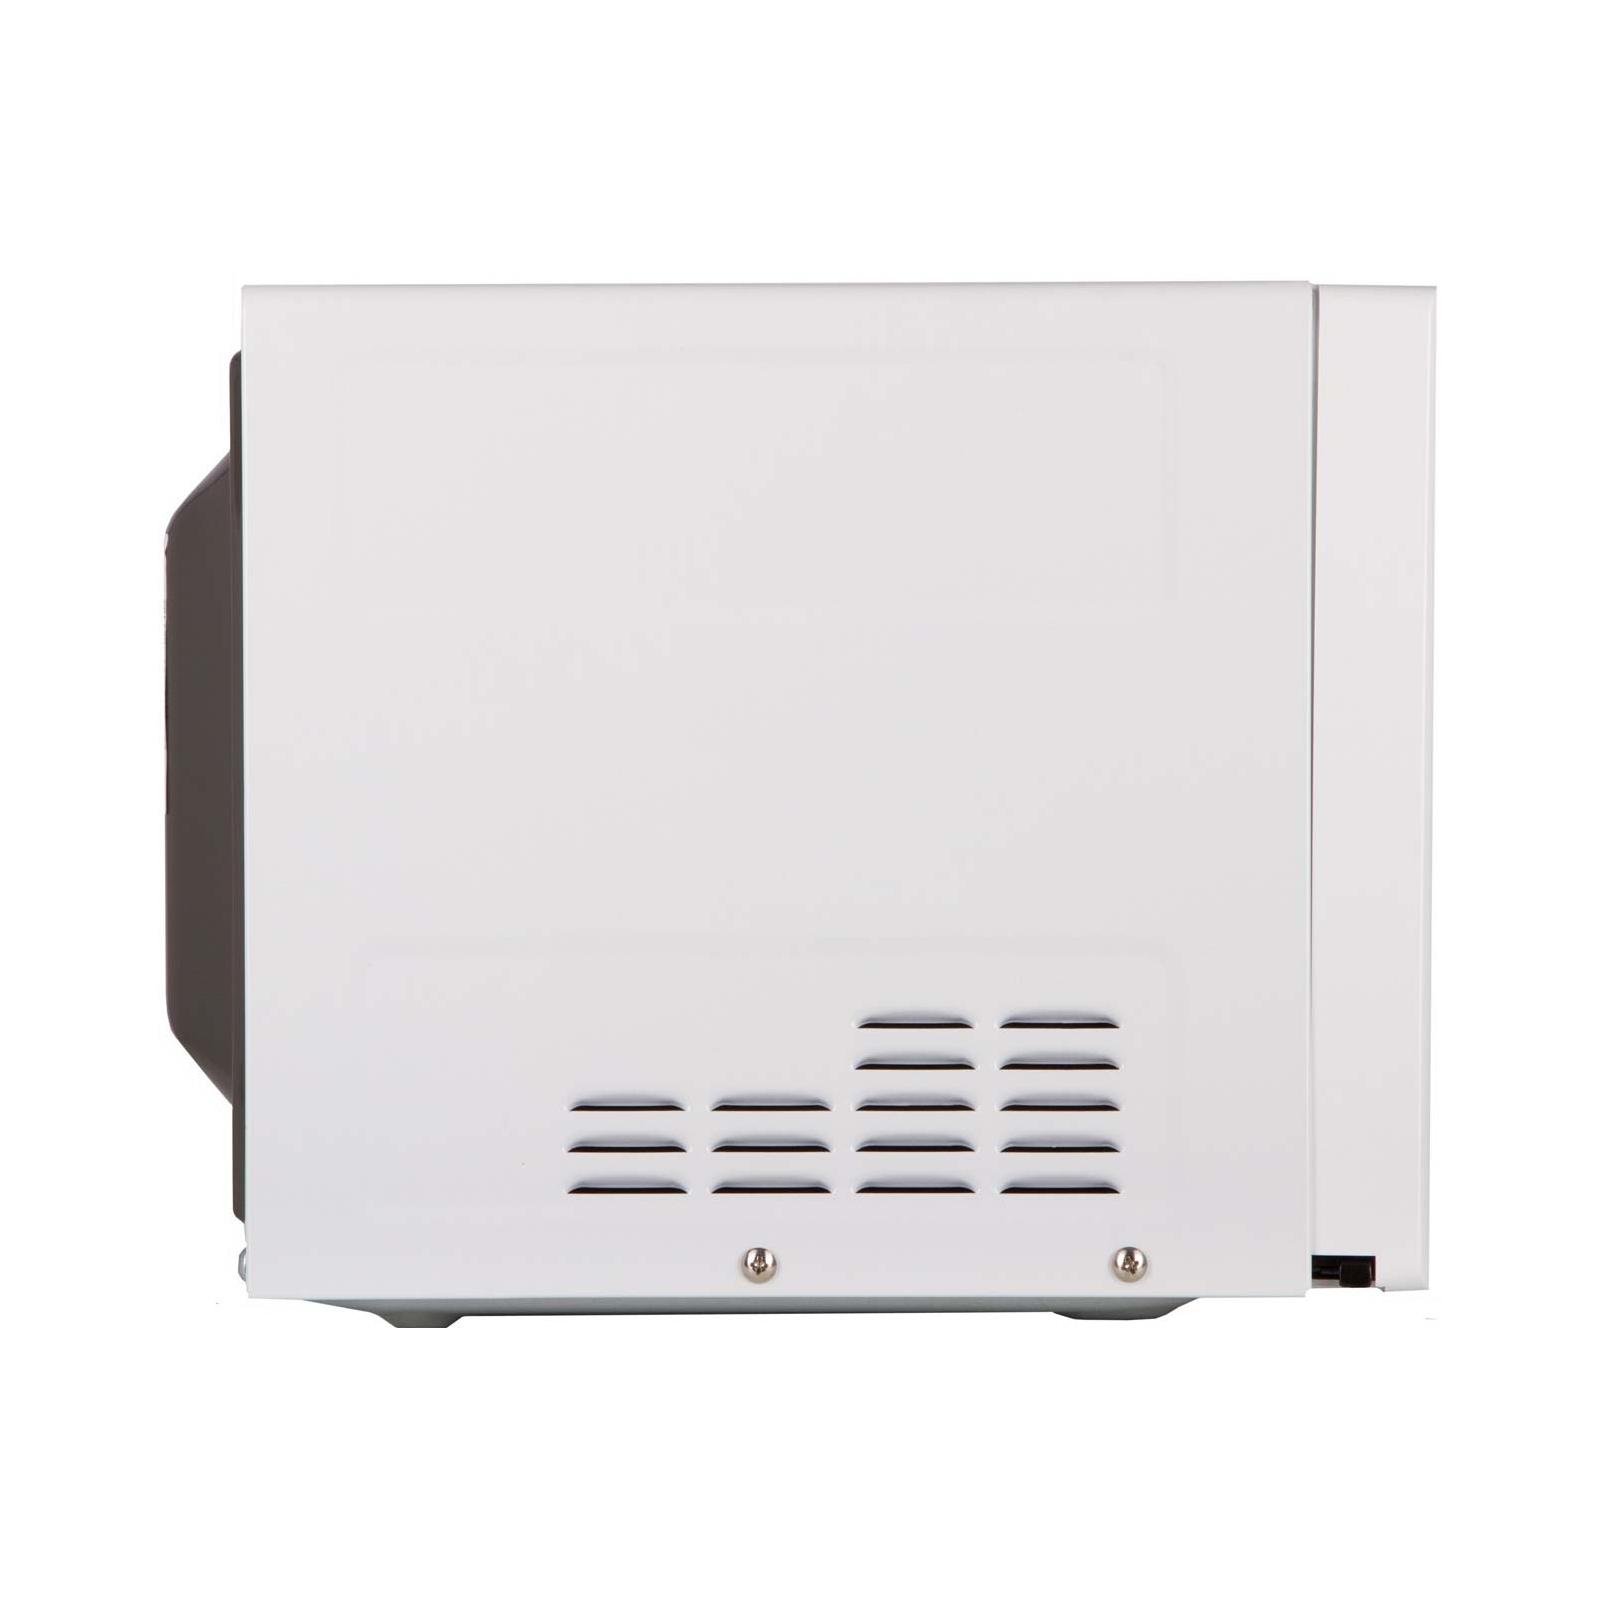 Микроволновая печь LG MS2043DAC изображение 5